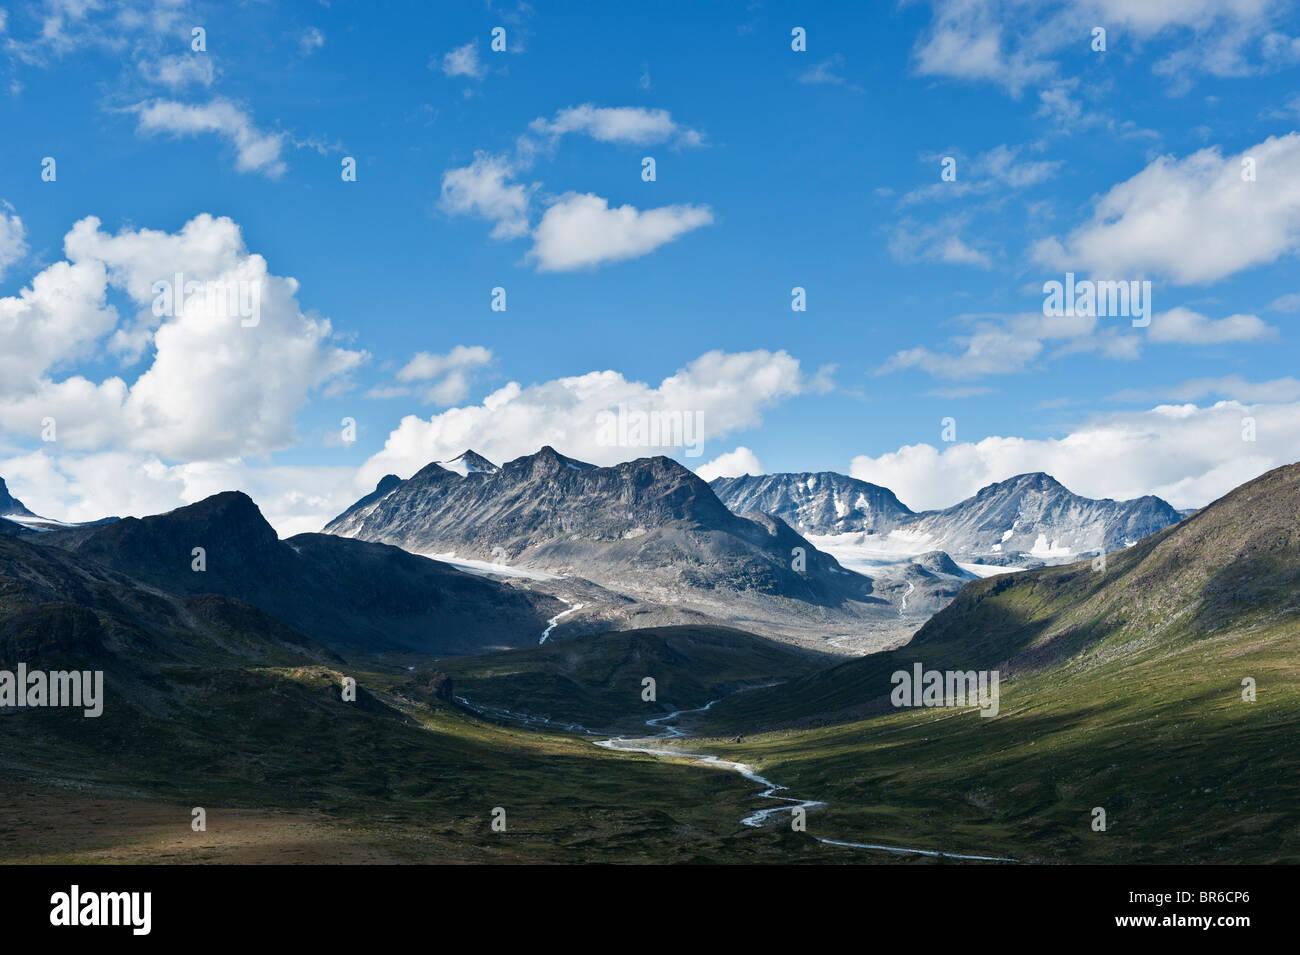 Memurudalen y las montañas del Parque Nacional de Jotunheimen, Noruega Foto de stock